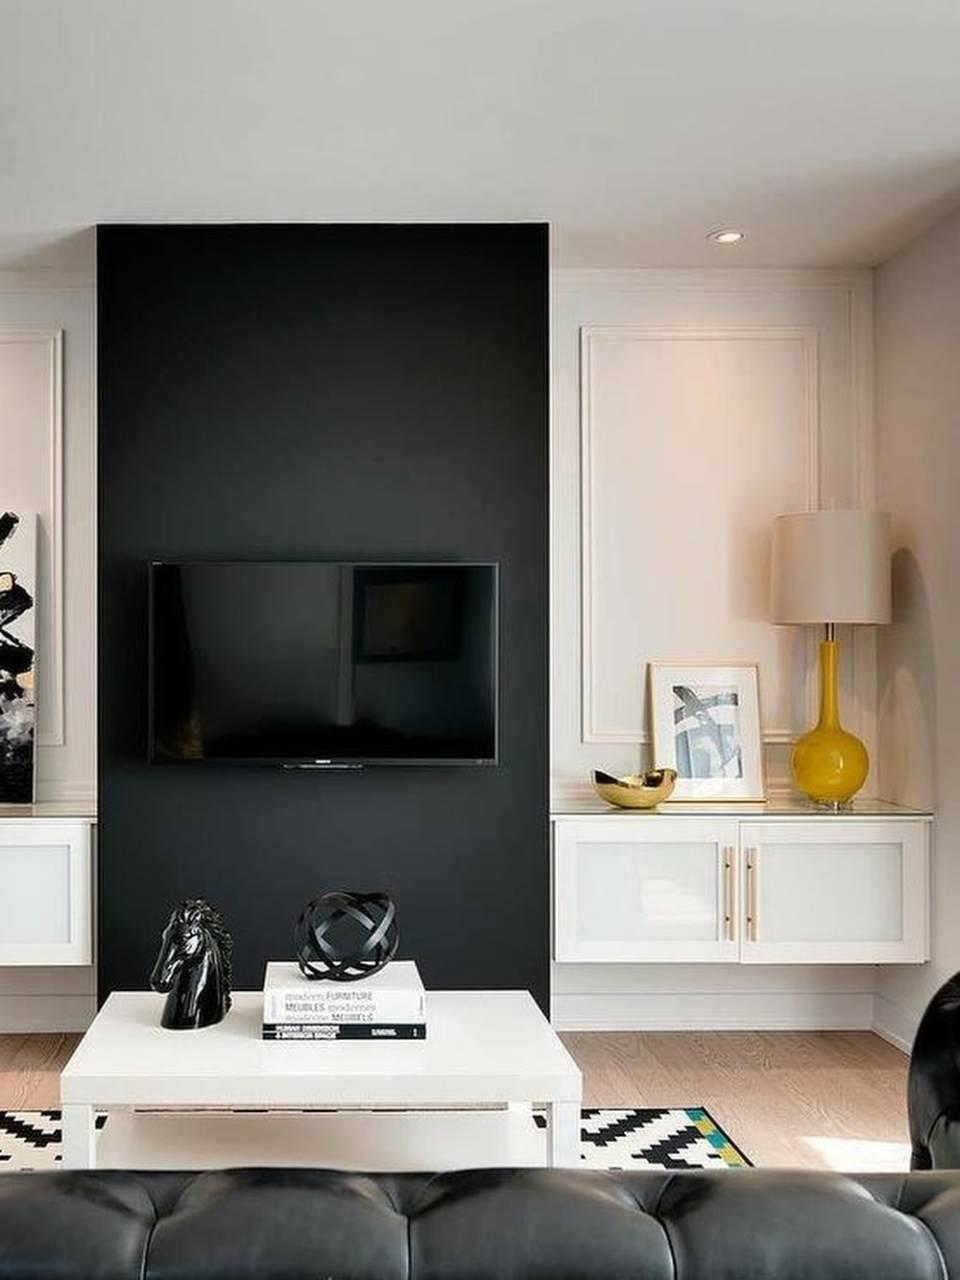 ТВ в интерьере